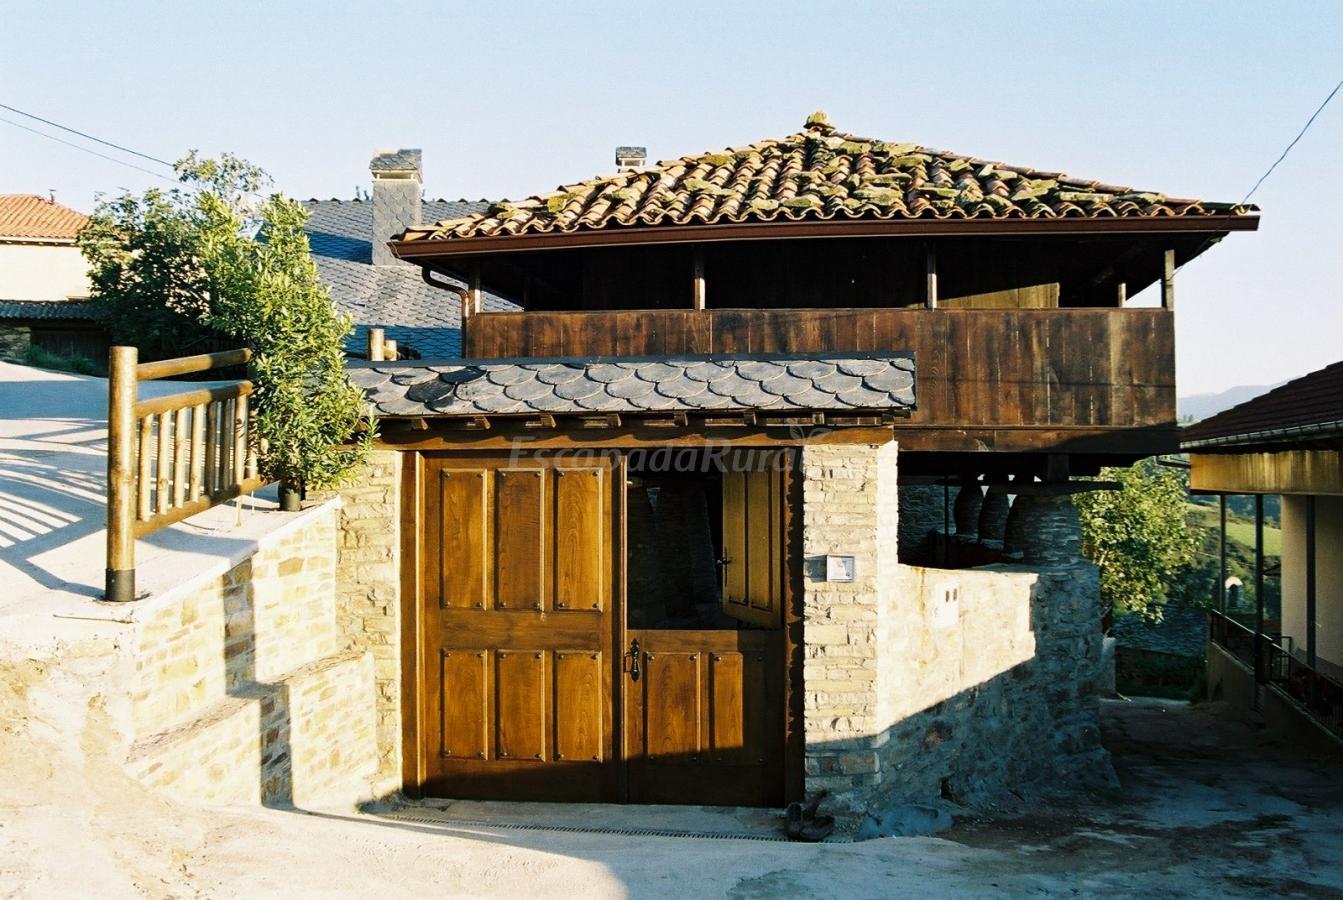 Fotos de casa de aldea el mirador casa rural en cangas del narcea asturias - Casas de aldea asturias ...